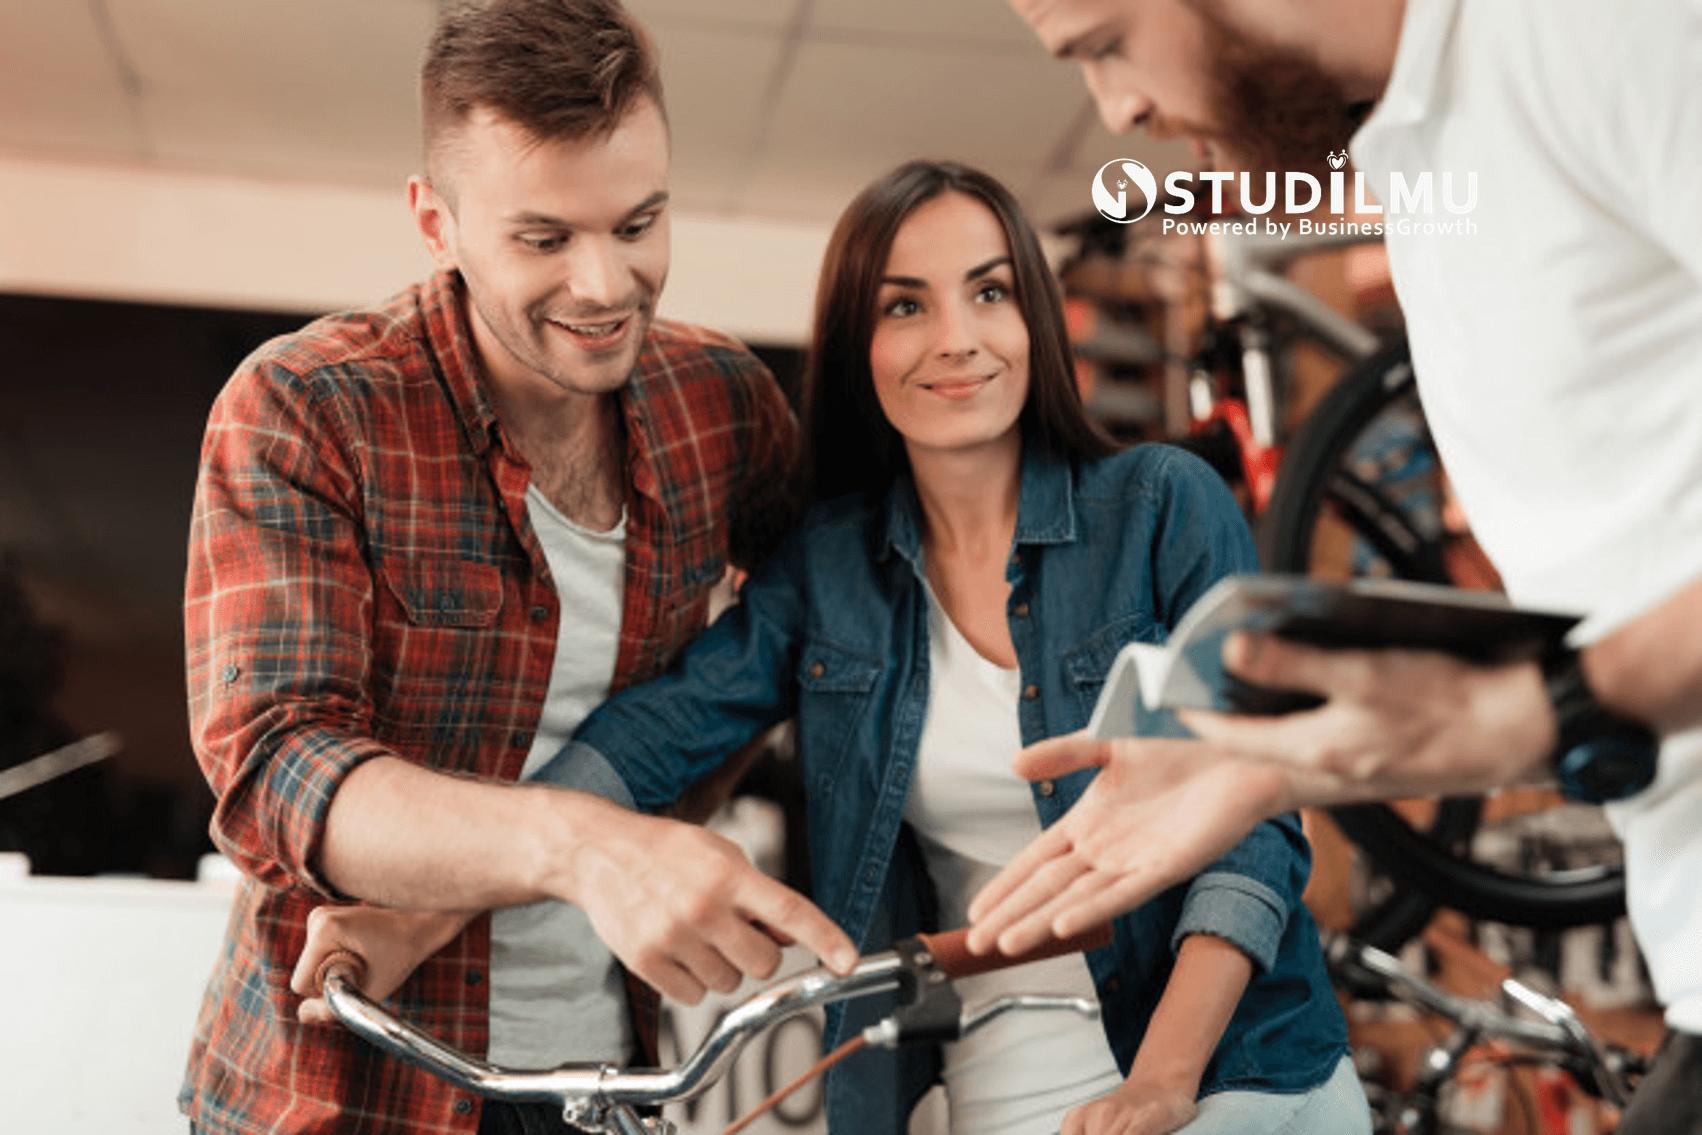 STUDILMU Career Advice - 3 Cara Meningkatkan Pengalaman Pelanggan yang Baik dengan Gen Z